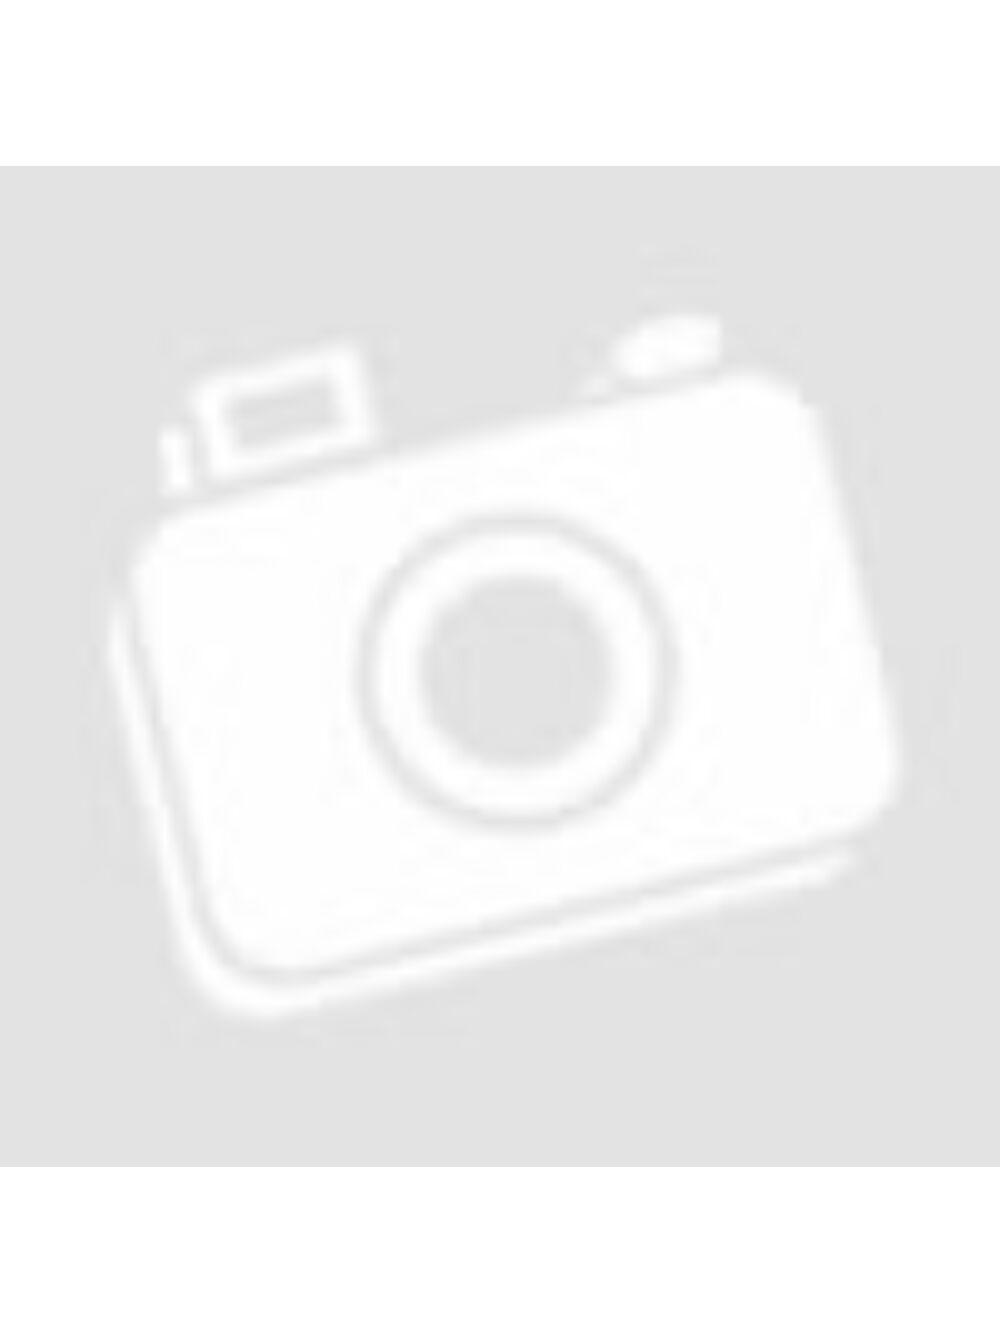 Filc szalag virág inda - Sárga